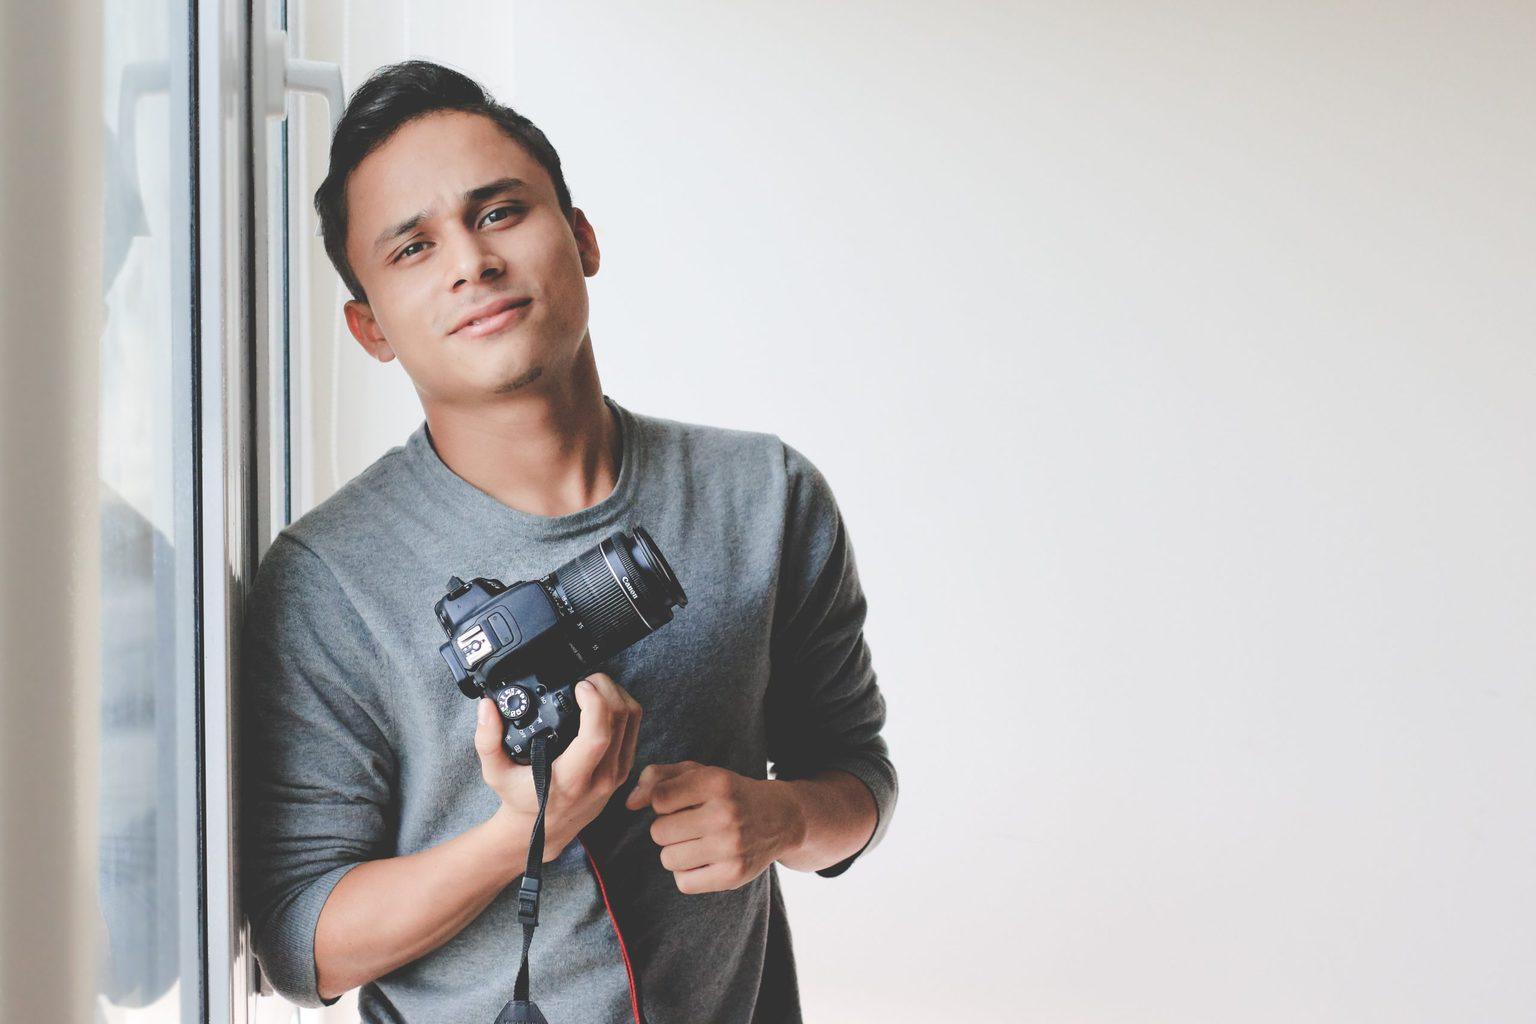 Chico con cámara en la mano junto a ventana